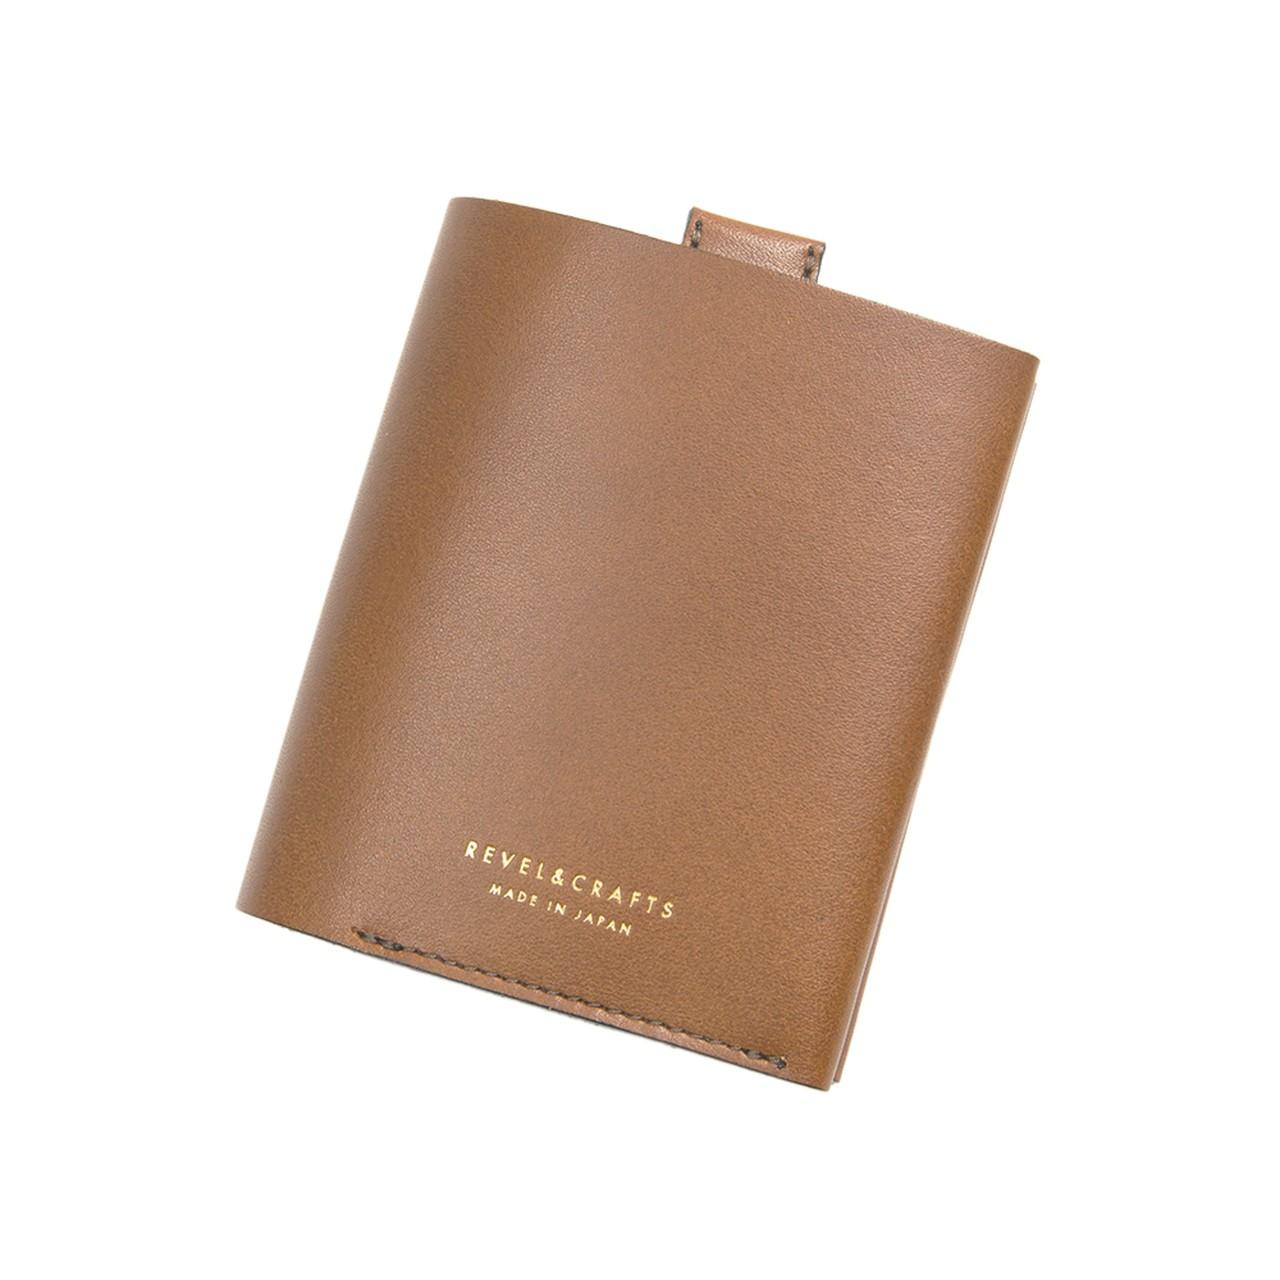 二ツ折コンパクト財布 - ENOUGH キャメル